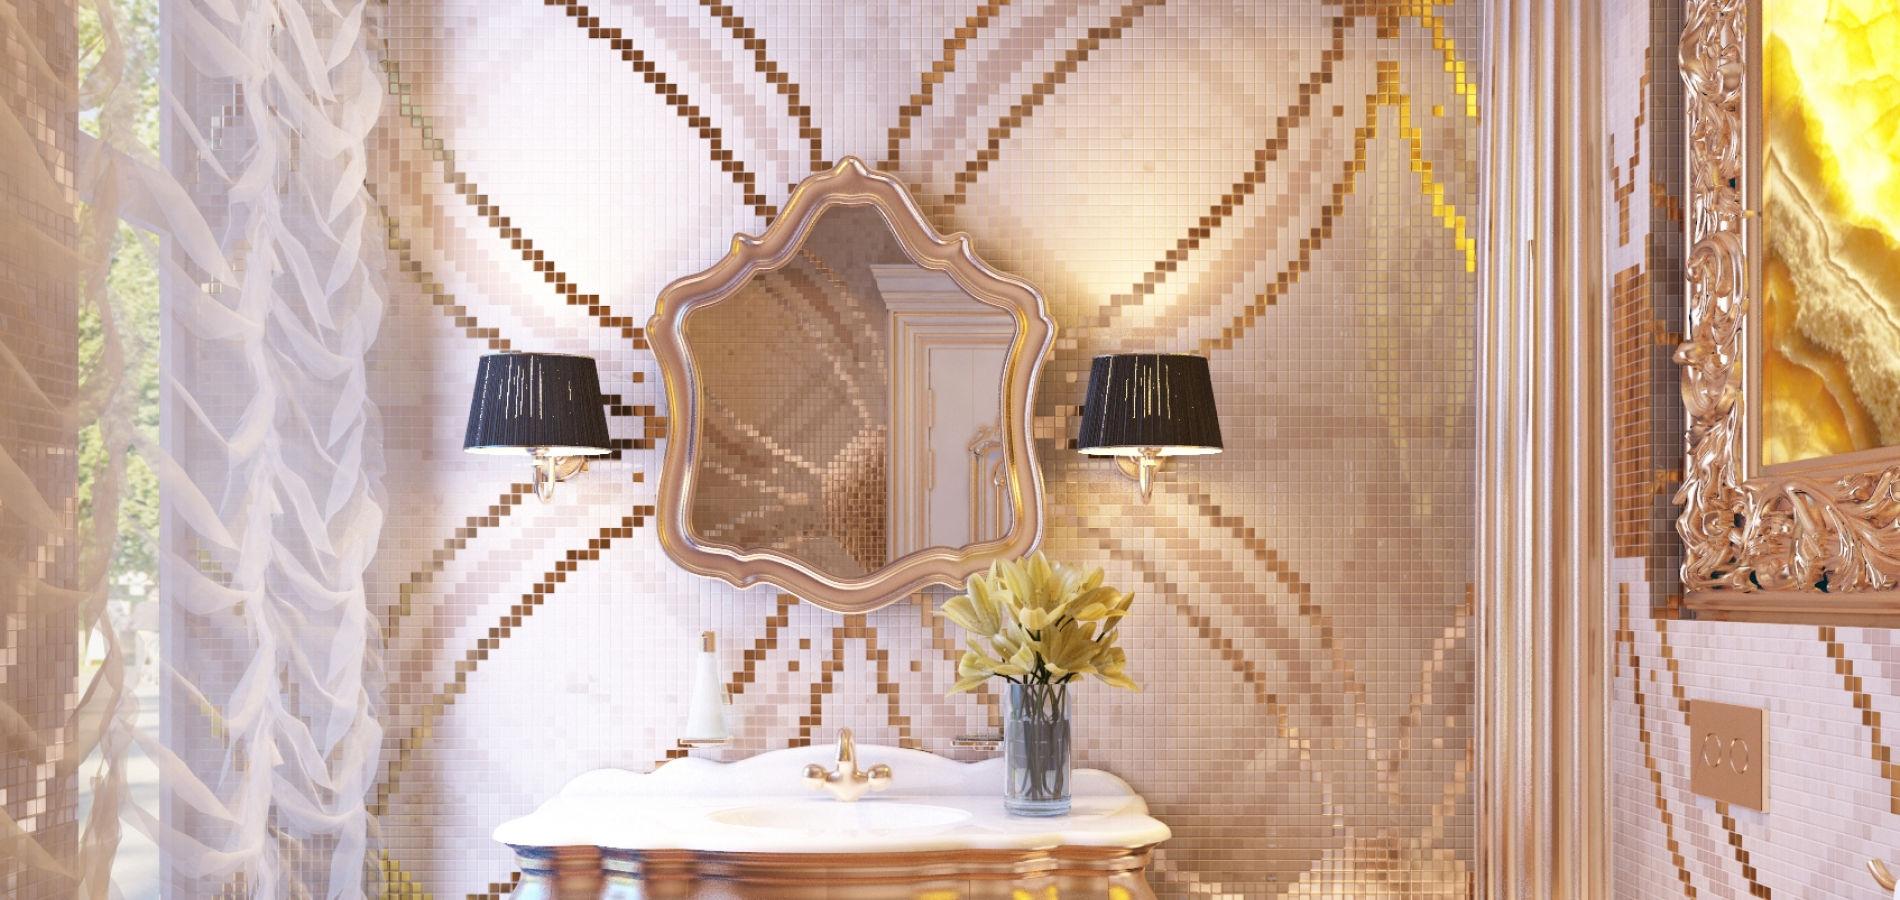 Розкішна ванна кімната для гостей WK_216